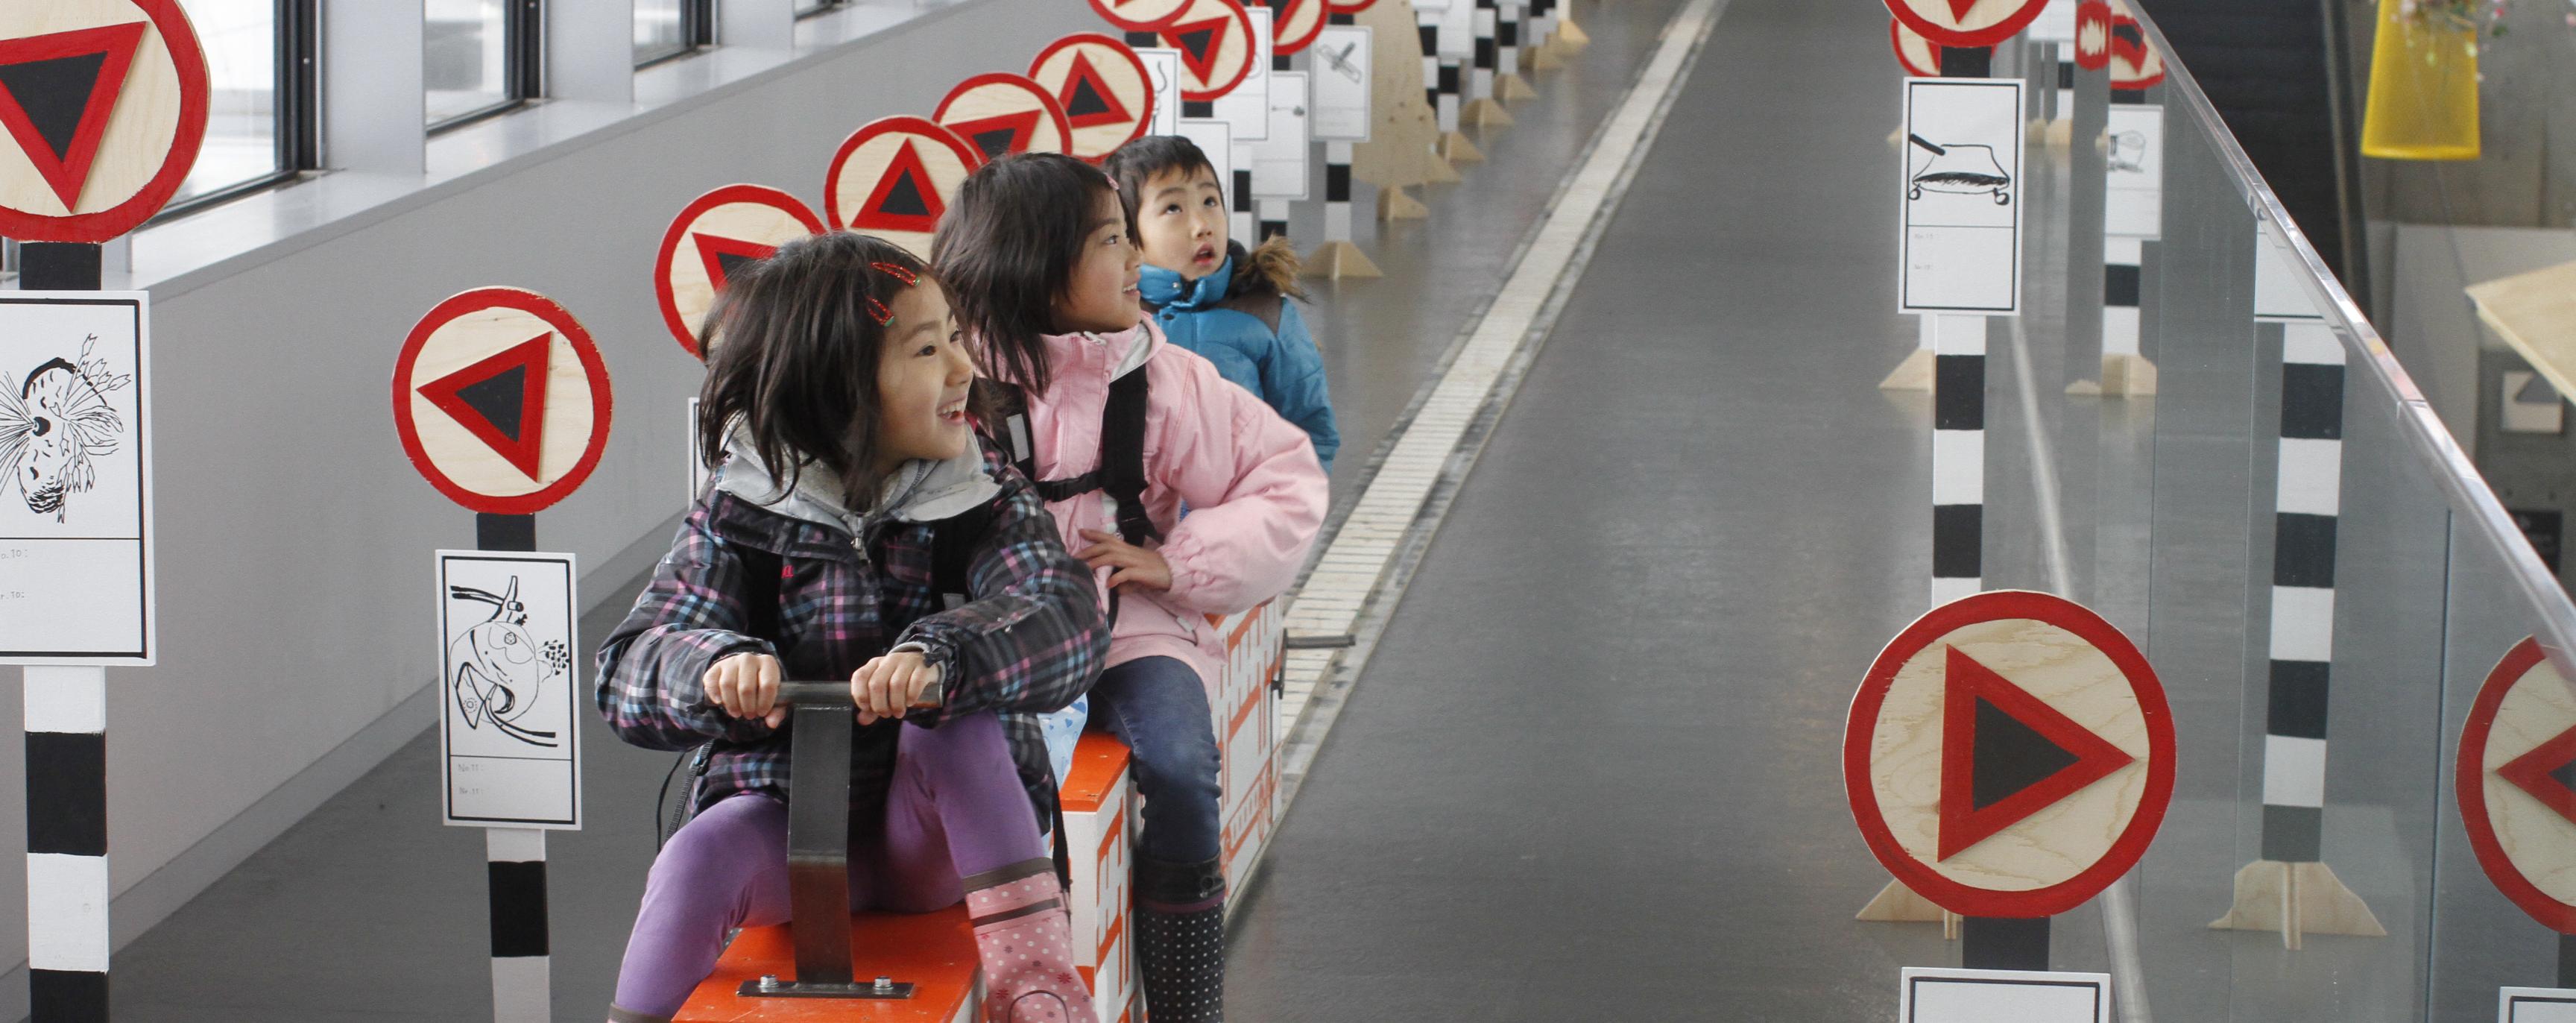 【今週のおすすめアート】越後妻有里山現代美術館[キナーレ]2015冬企画展は遊べる作品がいっぱい!